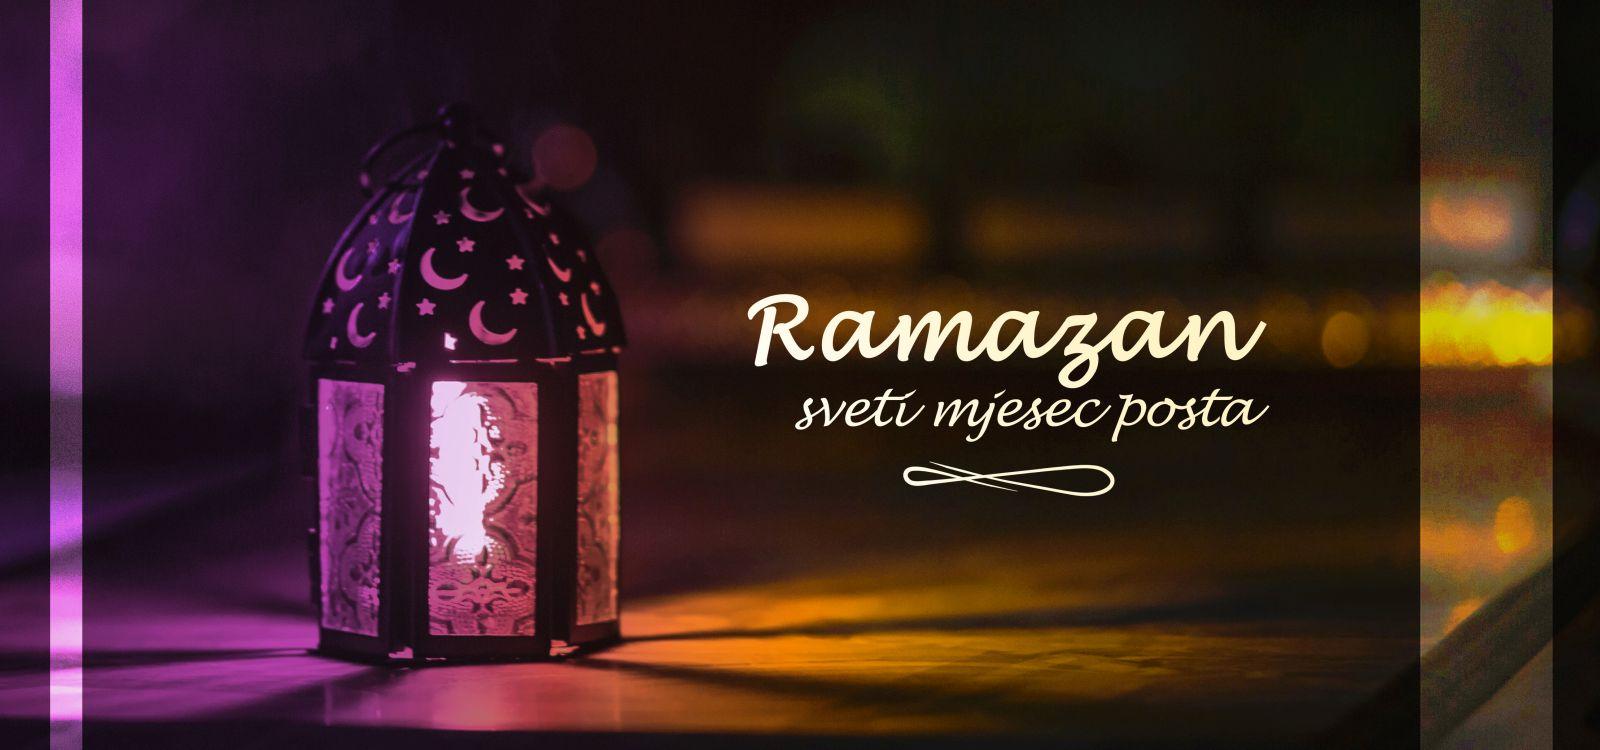 Ramazan - sveti mjesec posta